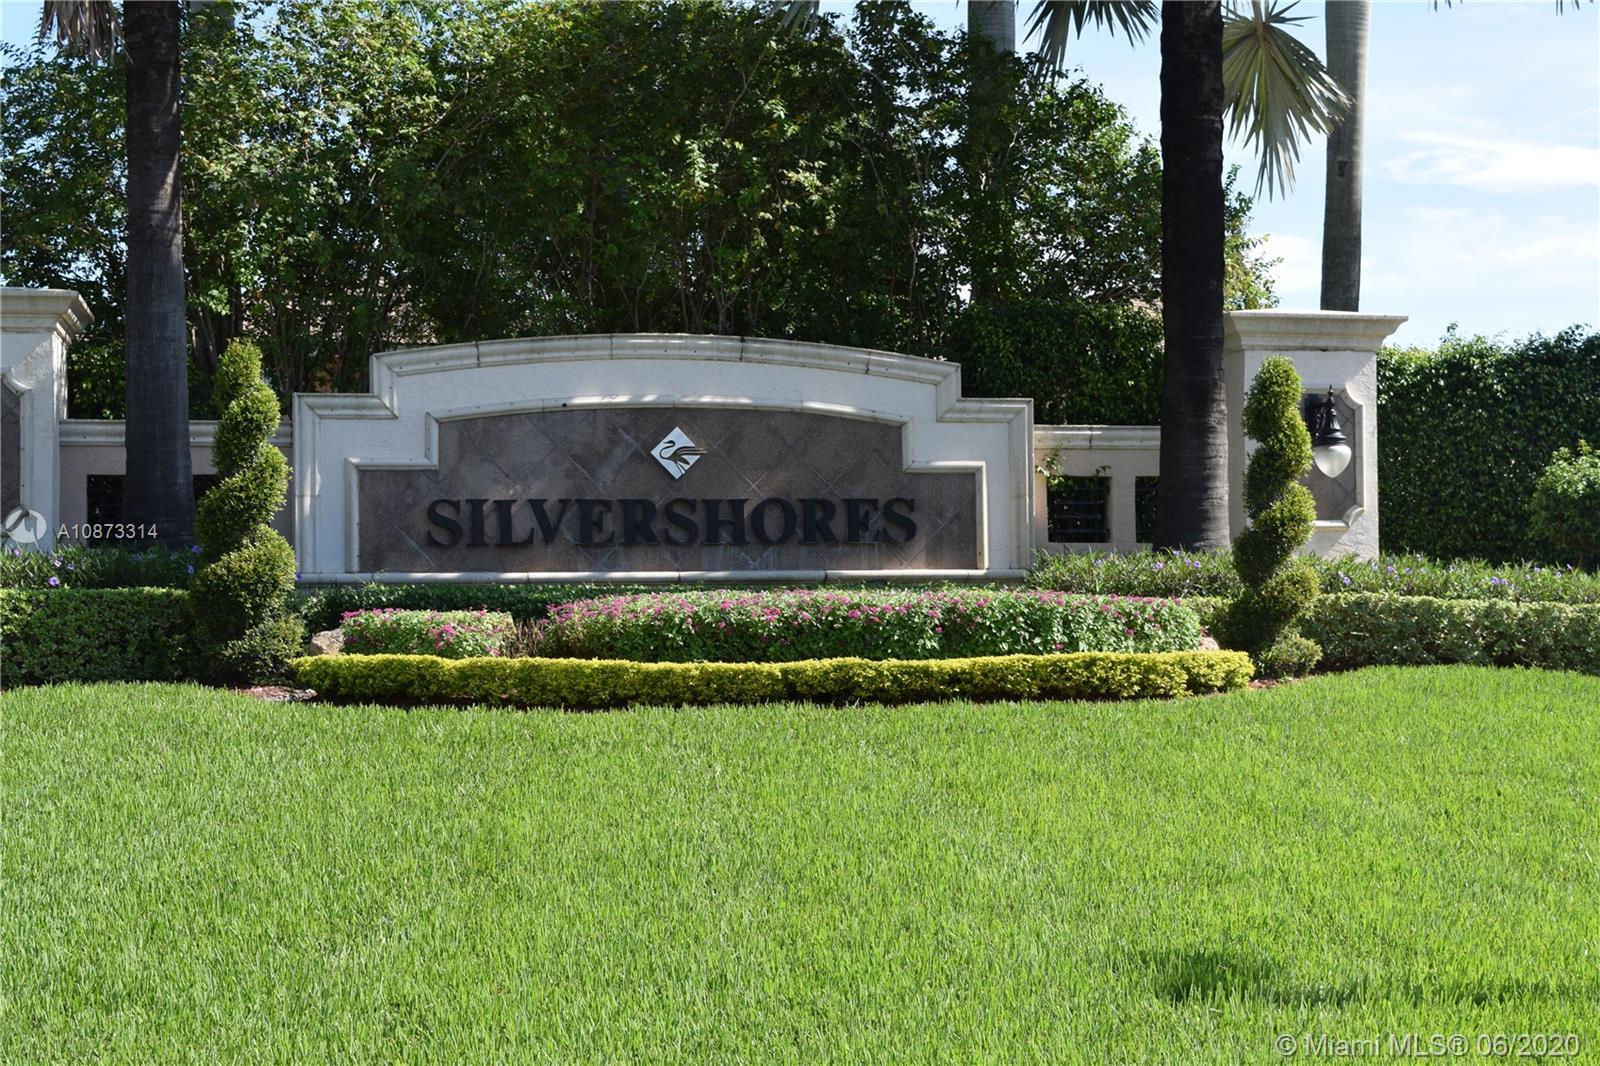 Silver Shores # - 39 - photo